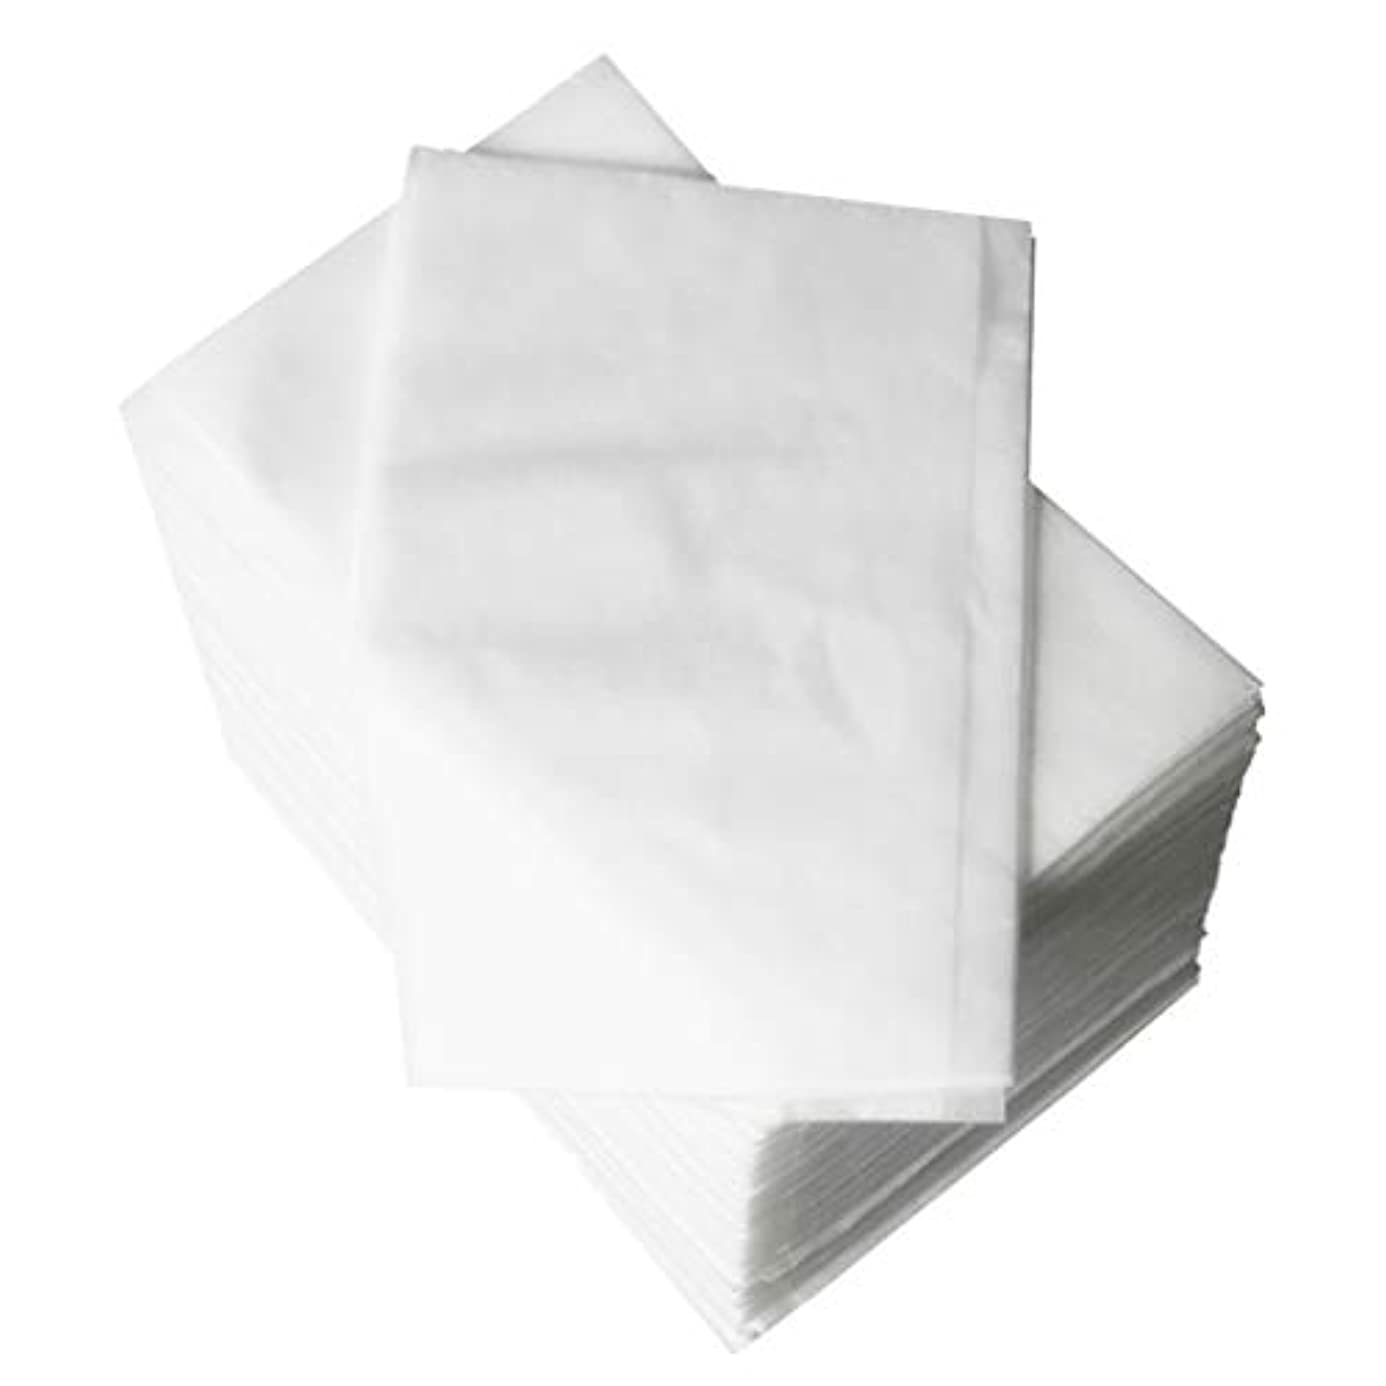 不良ユーモア遊具スパベッドカバー 使い捨て 耐久性 使い捨てベッドシーツ ブルー ホワイト - 白